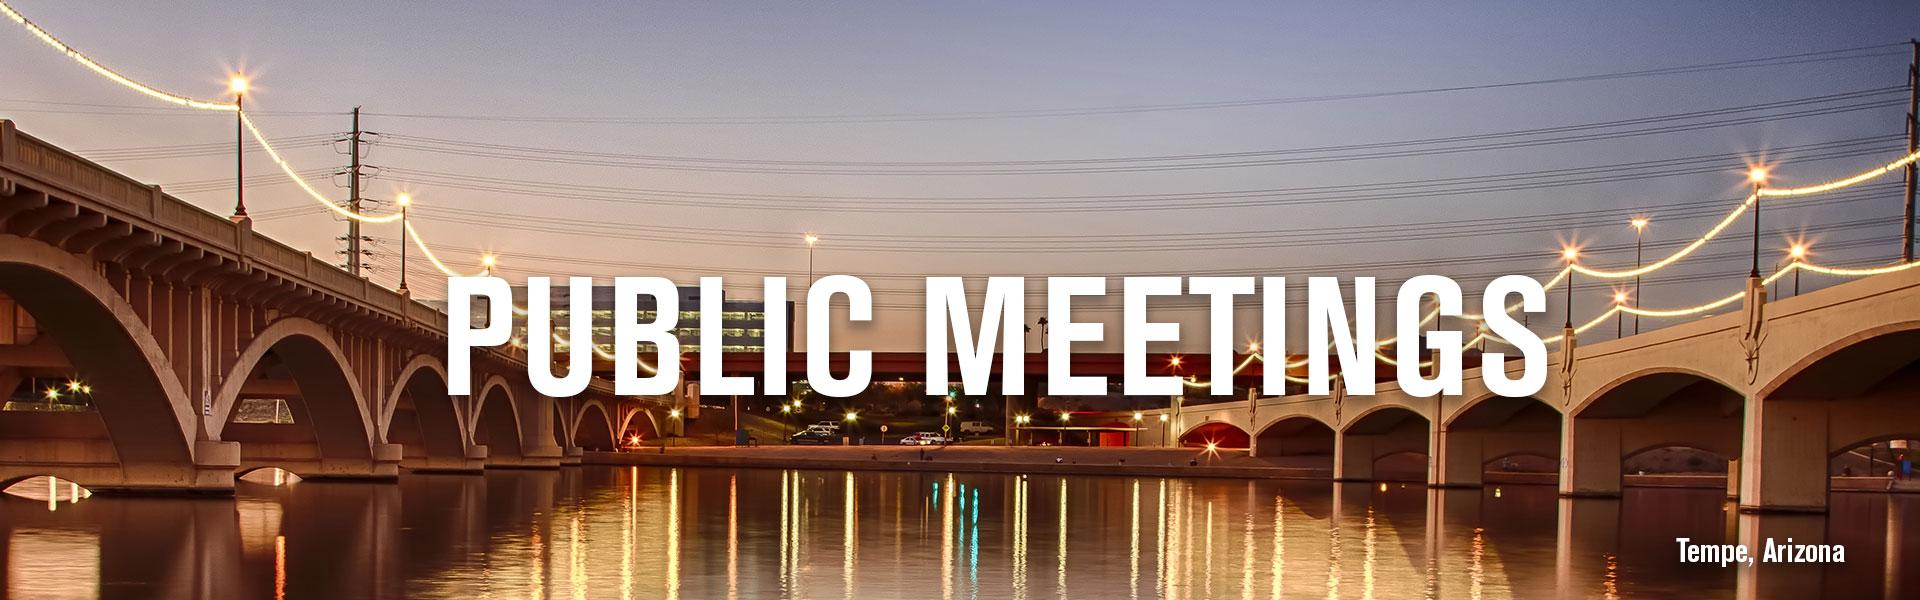 Public Meetings banner